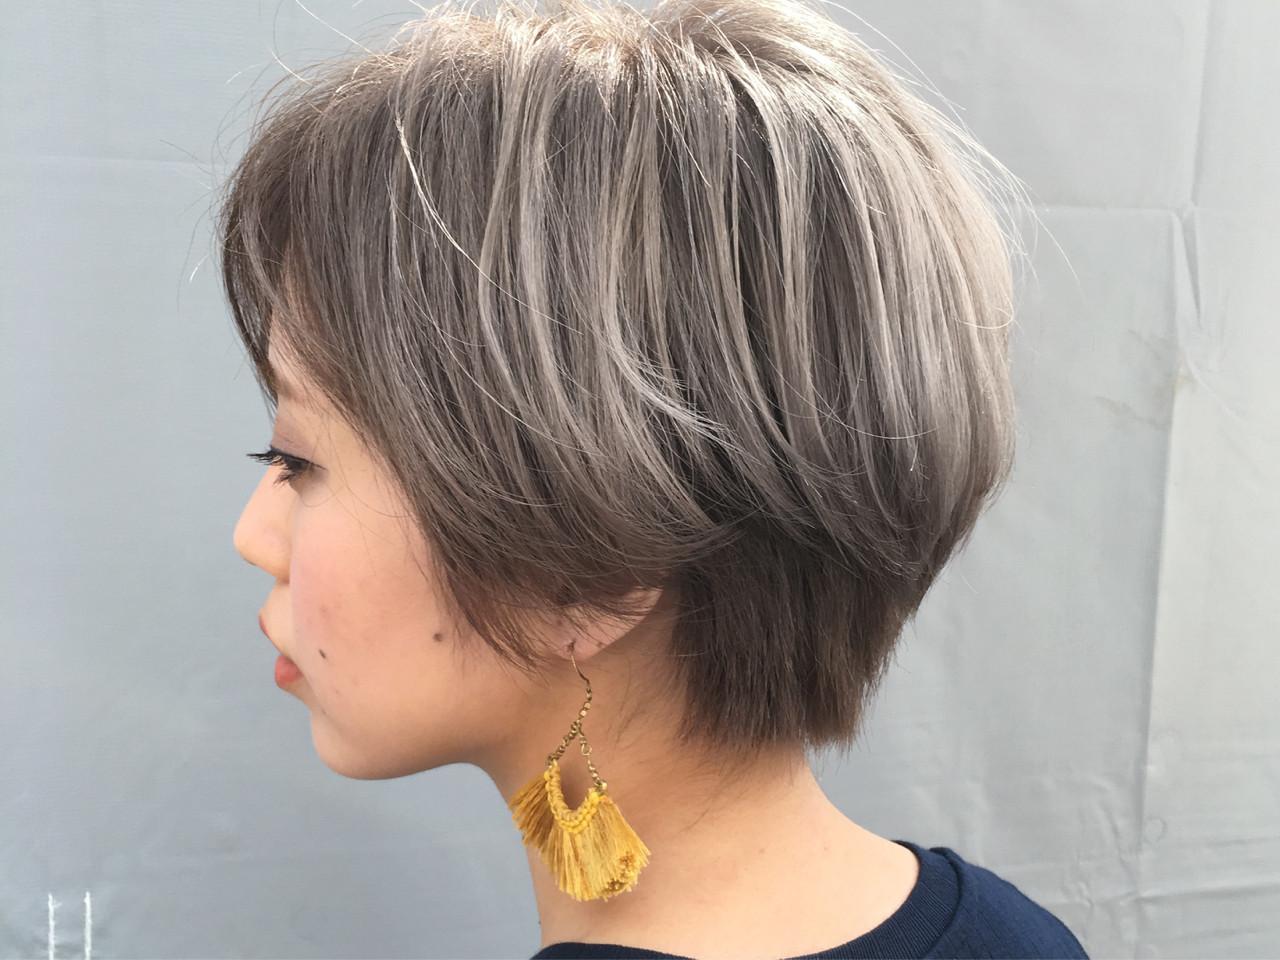 ホワイト グレージュ モード ハイトーン ヘアスタイルや髪型の写真・画像